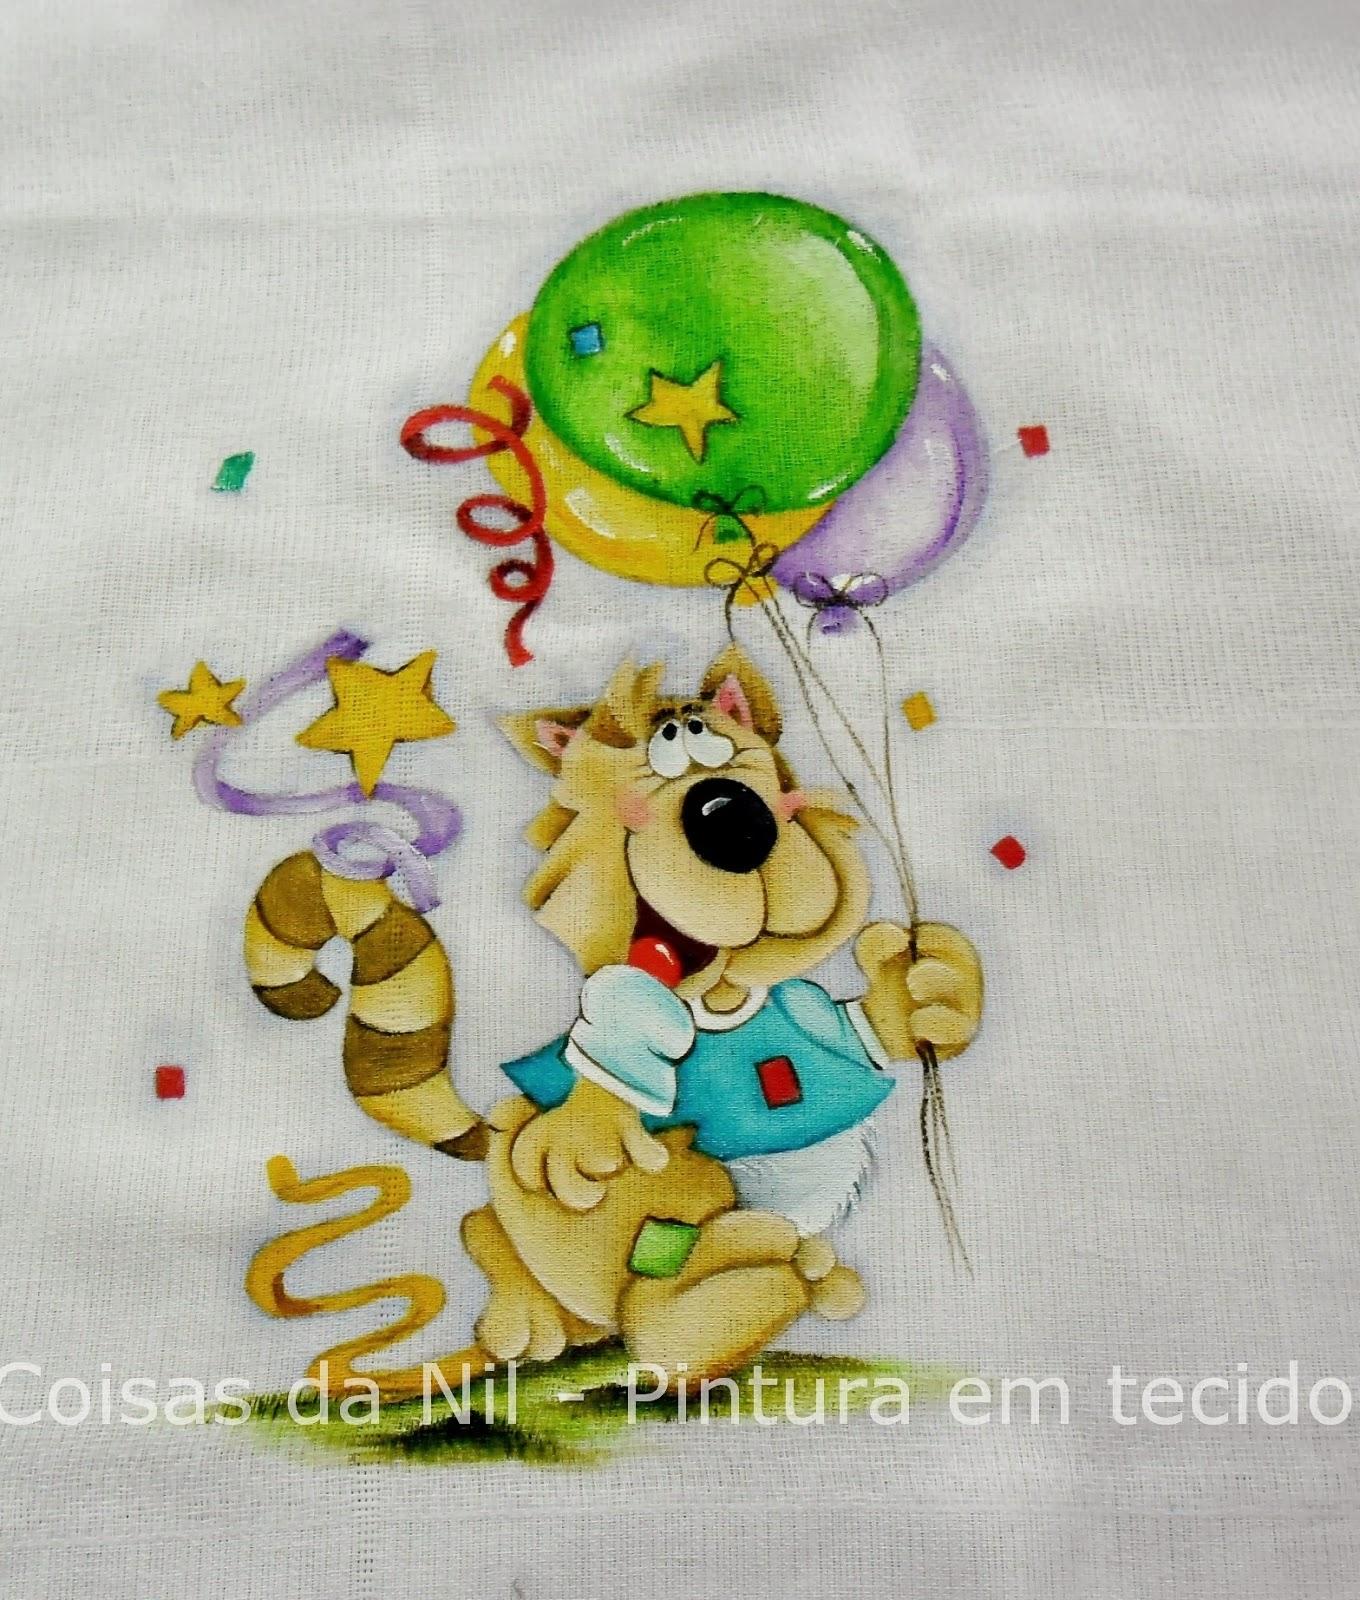 fralda pintada com lobinho com tema de festa de carnaval